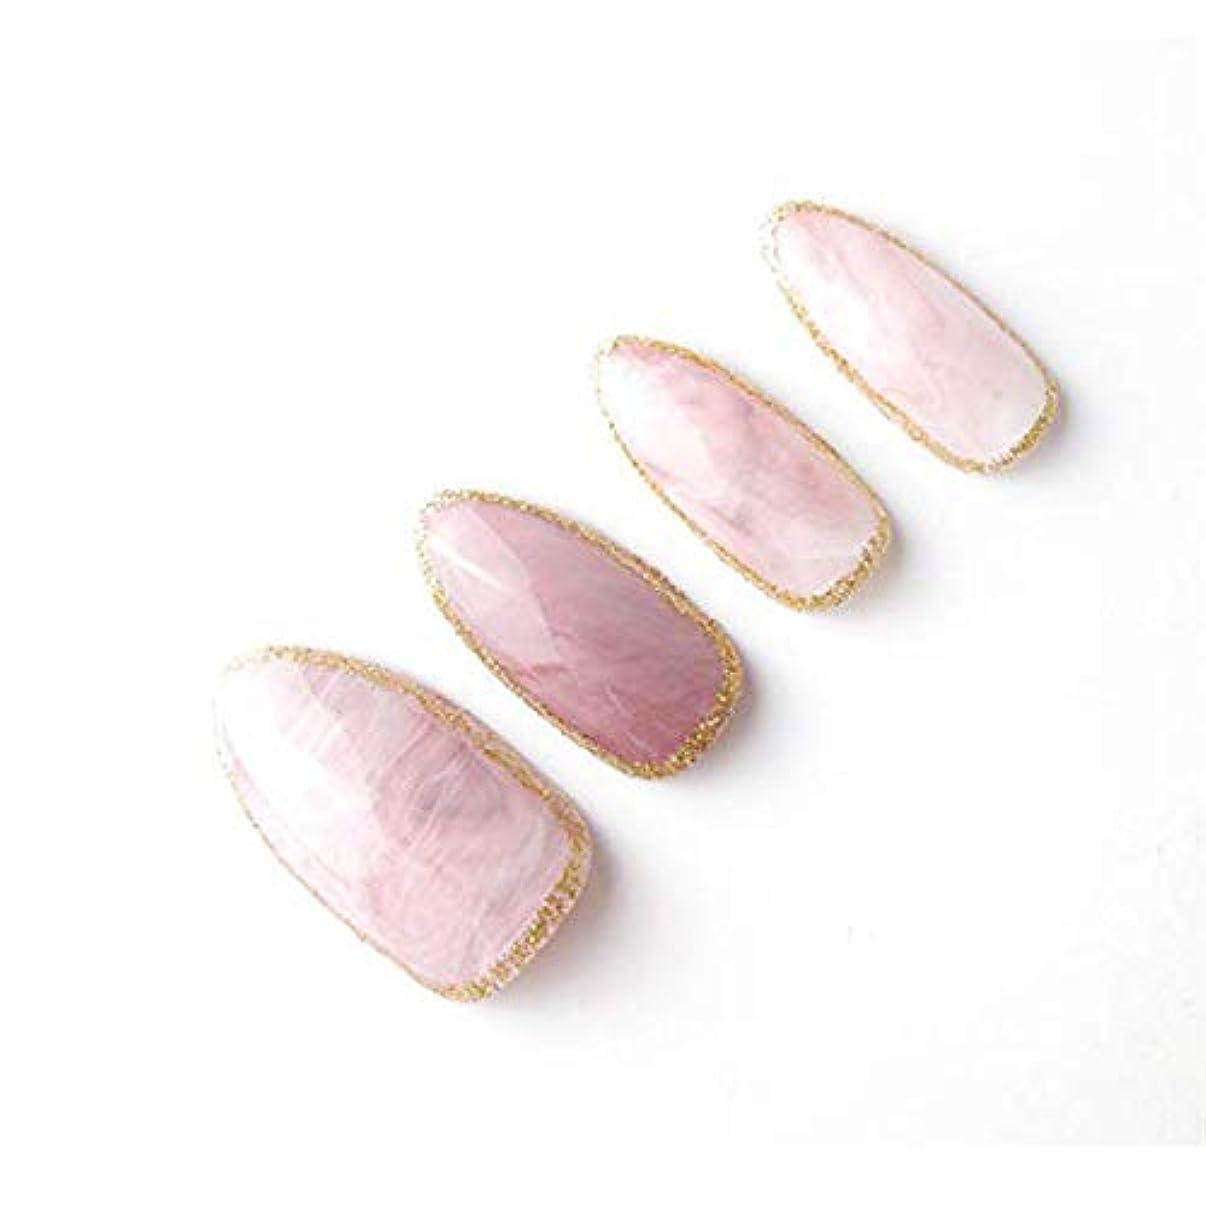 製造レンディションマーケティングYuNail ネイルチップ 24枚 ピンク 石の質感 楕円形状 短い アクリル